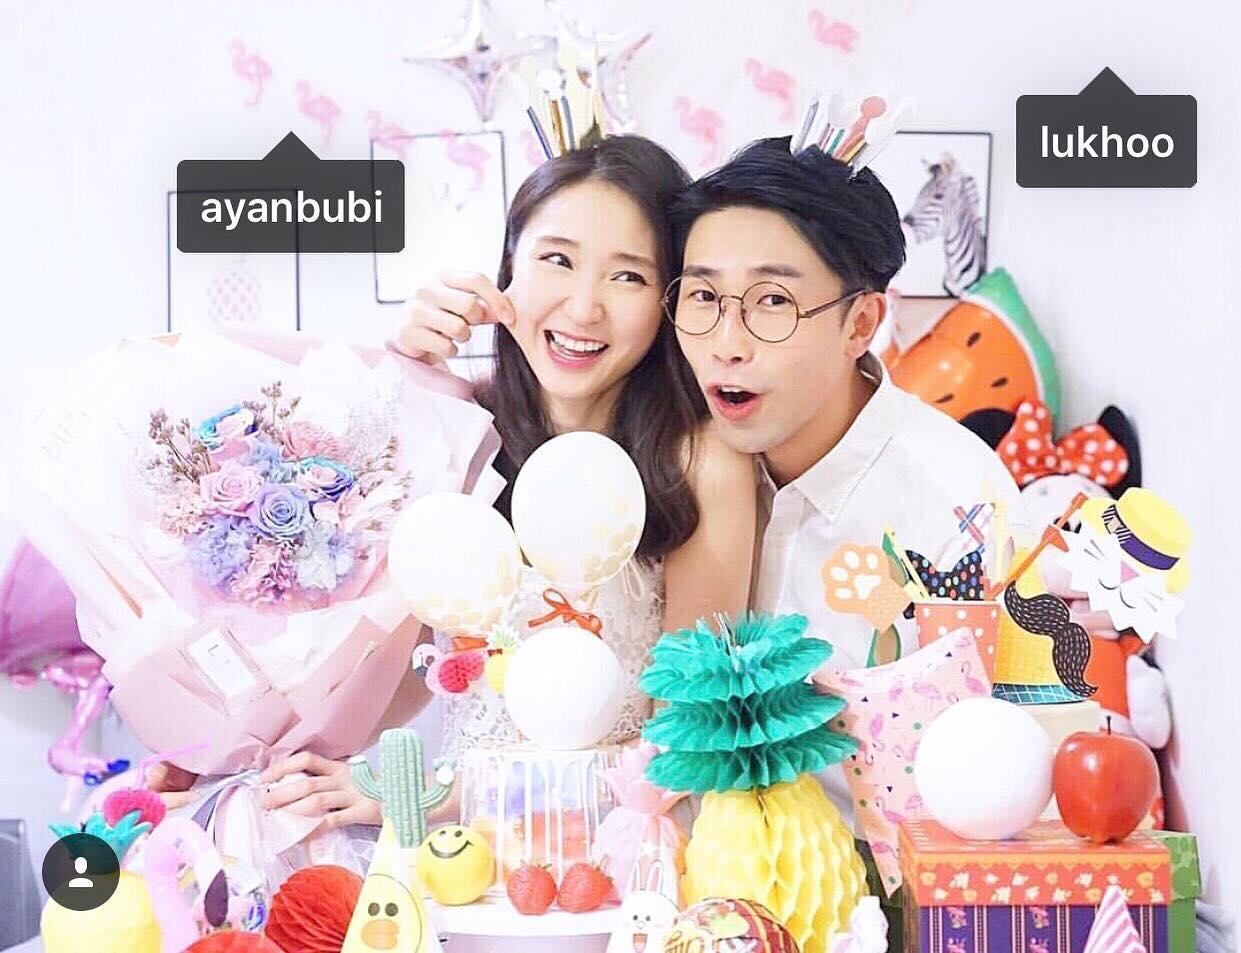 Artistes-Lukhoo&Ayan